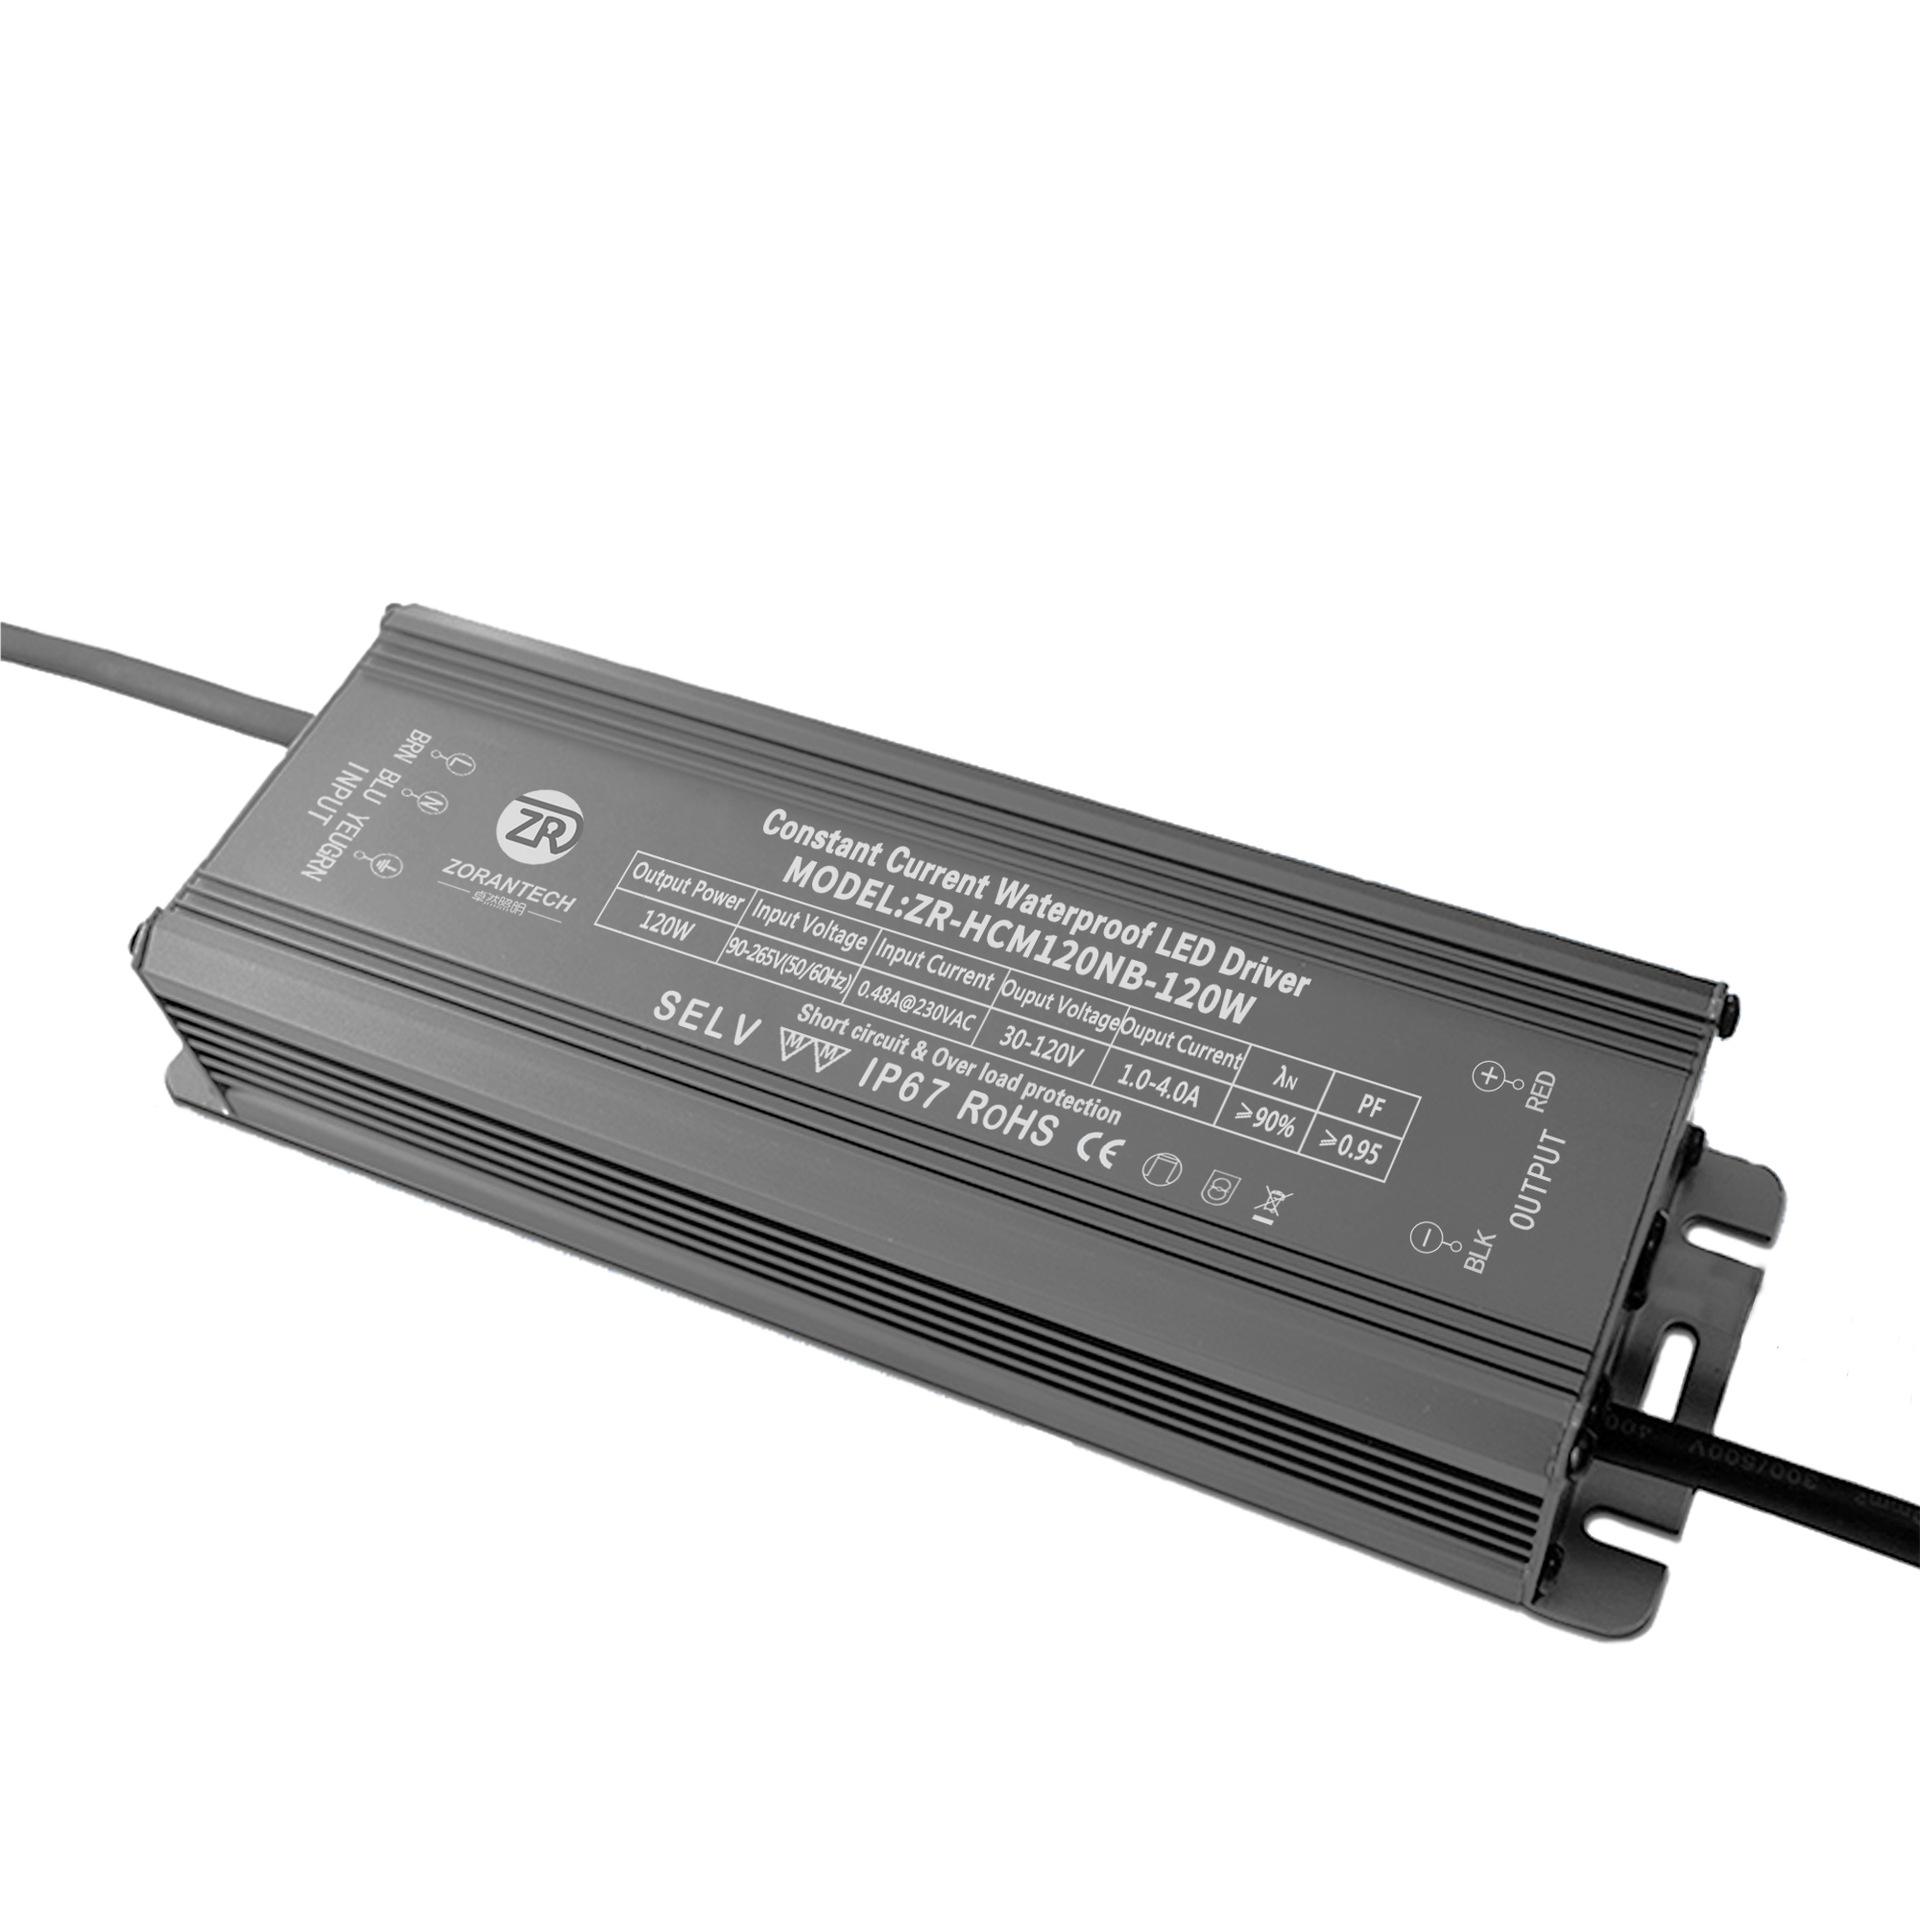 ZORANTECH Bộ nguồn không đổi Bán buôn ổ đĩa LED công suất 120W Đèn lũ hiện tại không đổi Ổ đĩa LED n